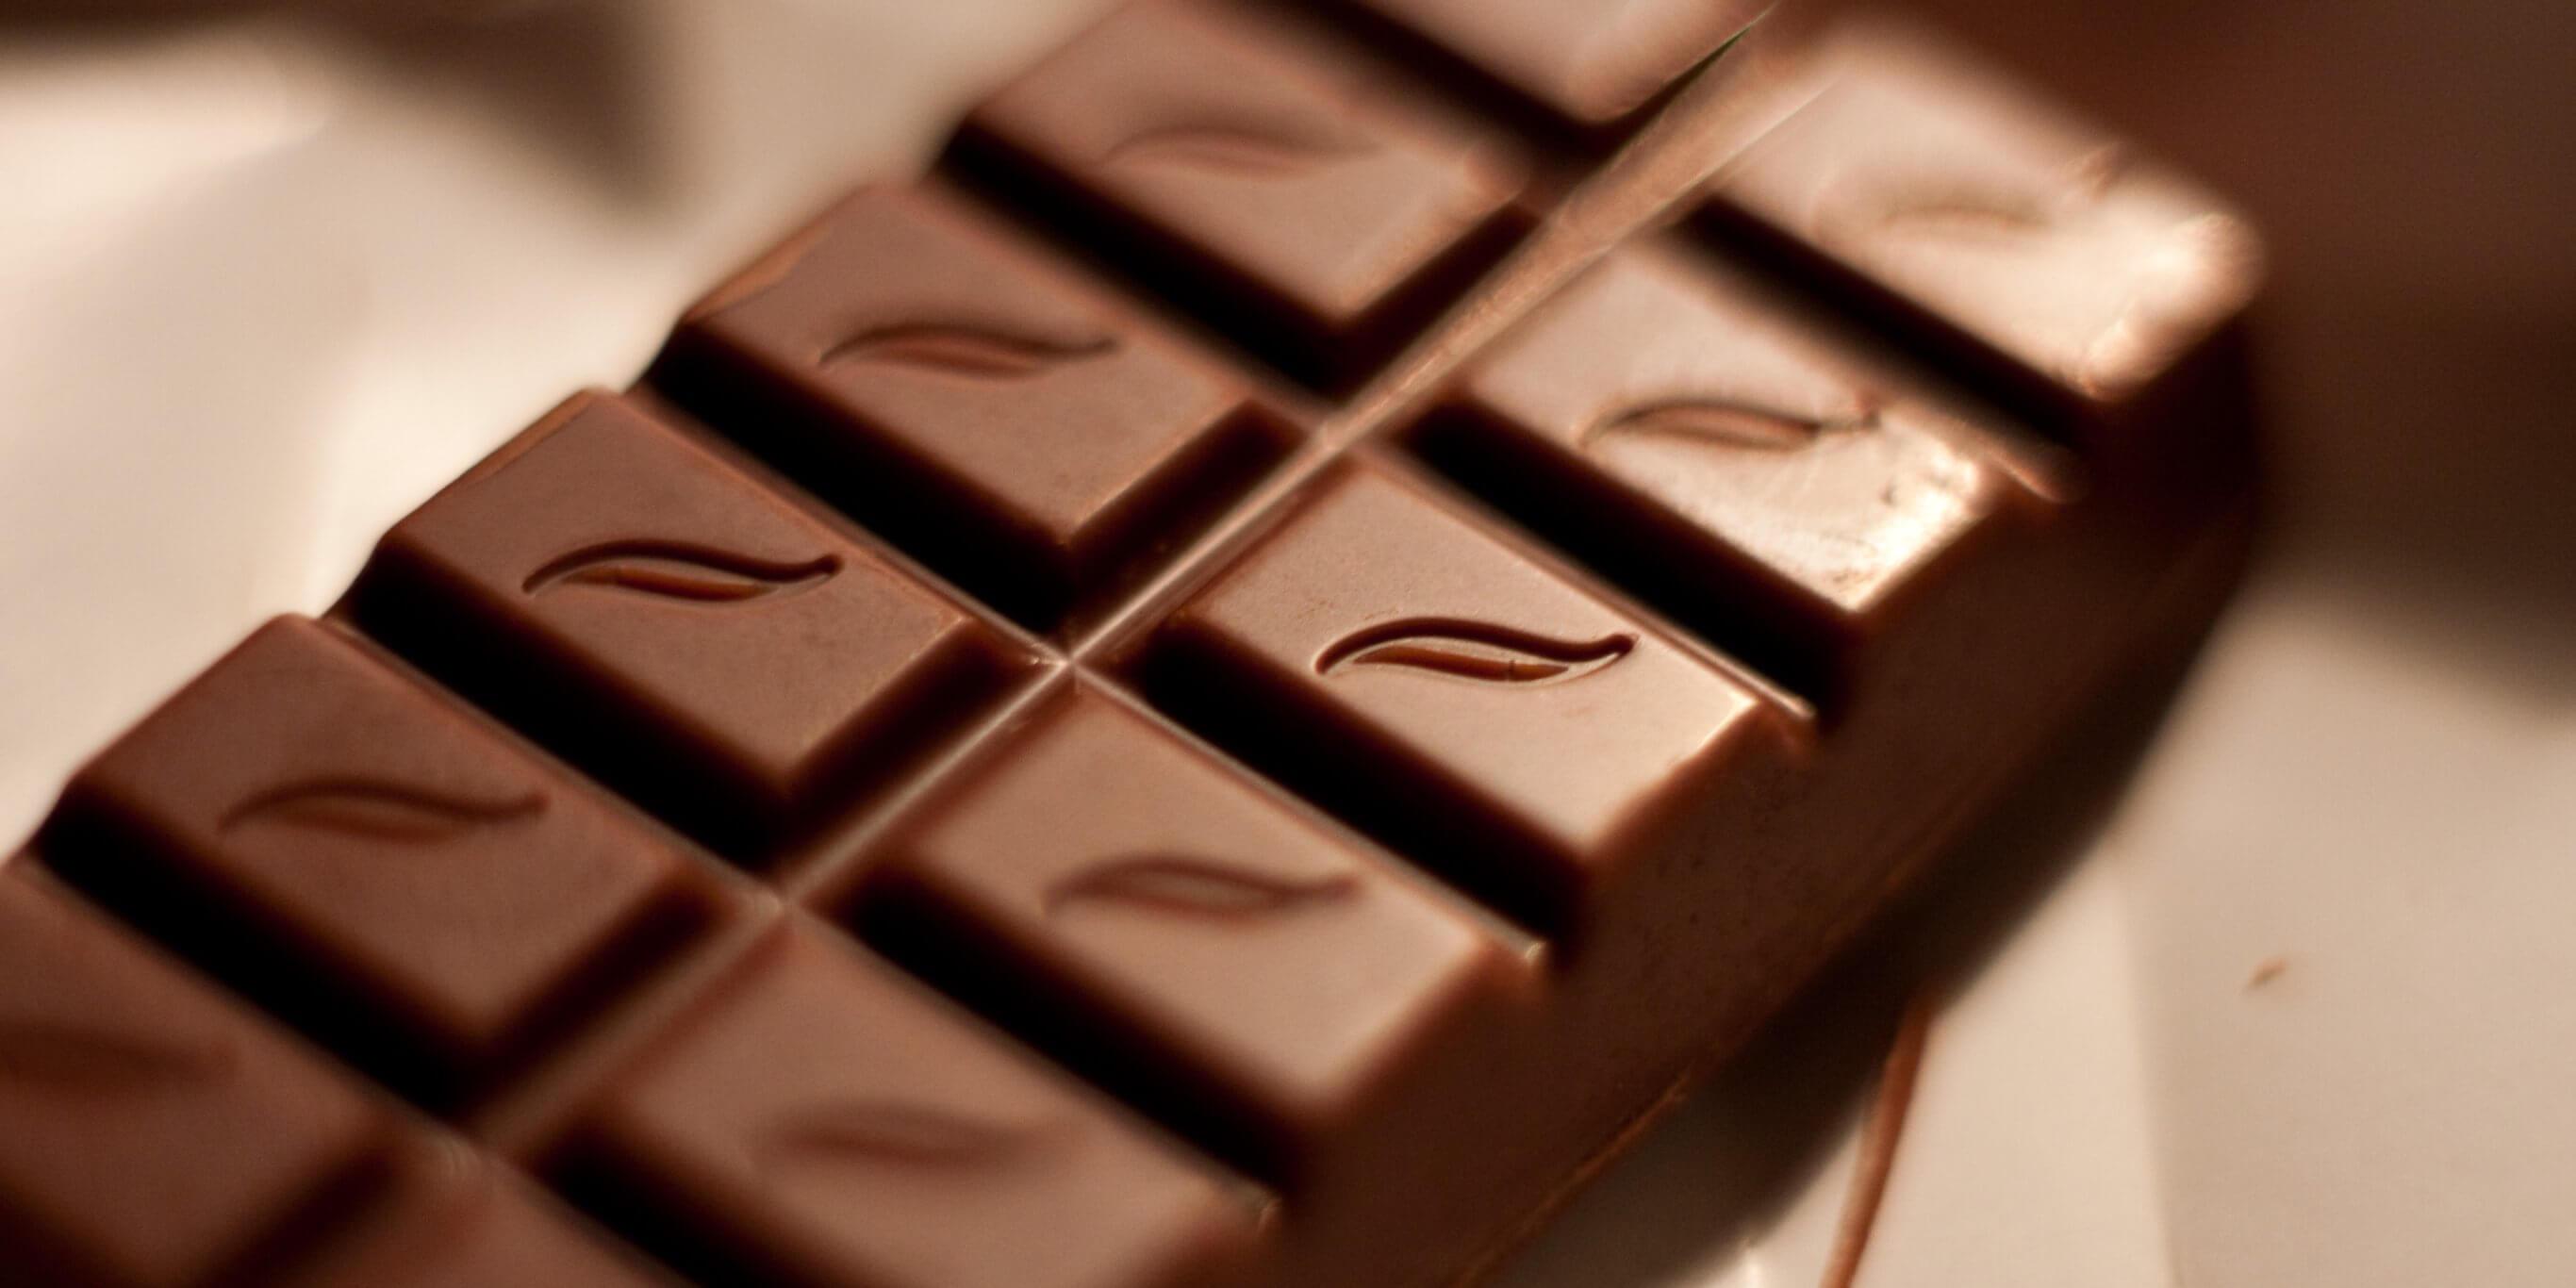 Mengonsumsi Cokelat, Bikin Gendut atau Bikin Kurus?